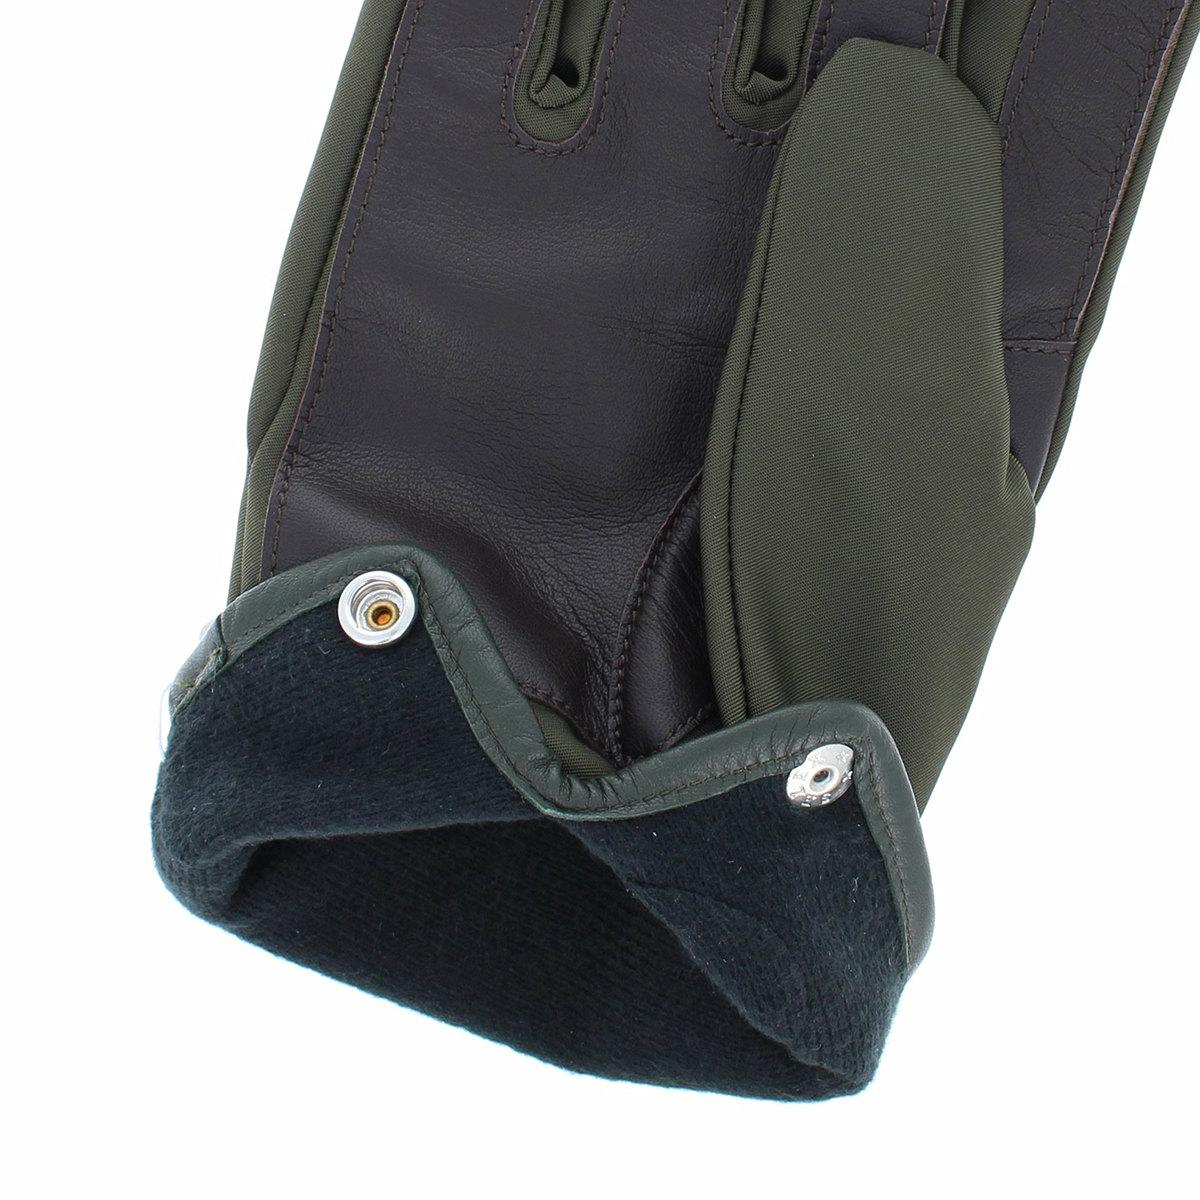 オロビアンコ メンズ リモンタ社製ナイロン メンズ防寒手袋 タッチパネル対応